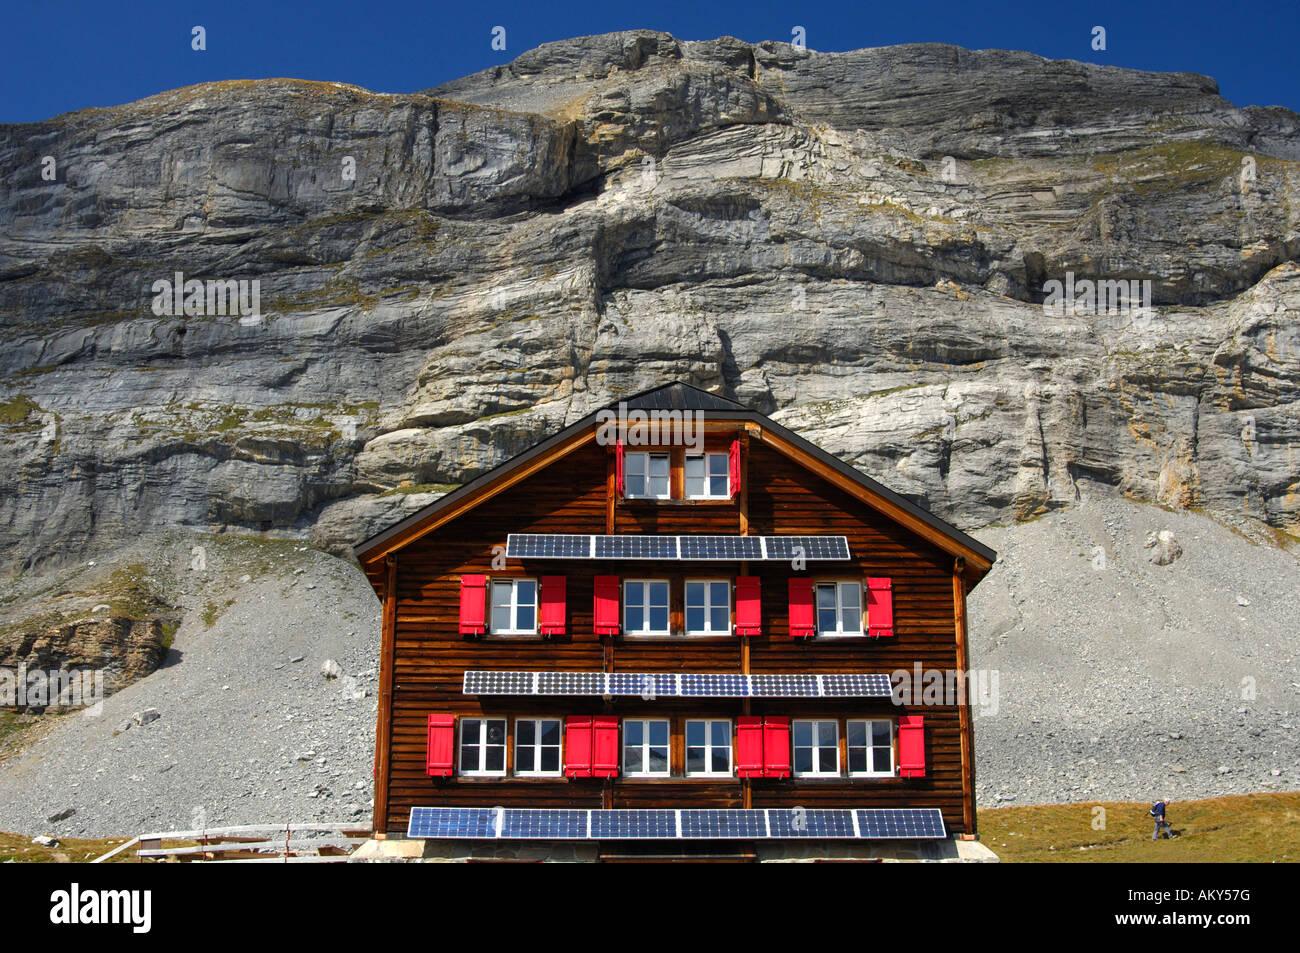 Uso di energia solare in aree remote, Laemmerenhuette, Club Alpino Svizzero, Svizzera Immagini Stock